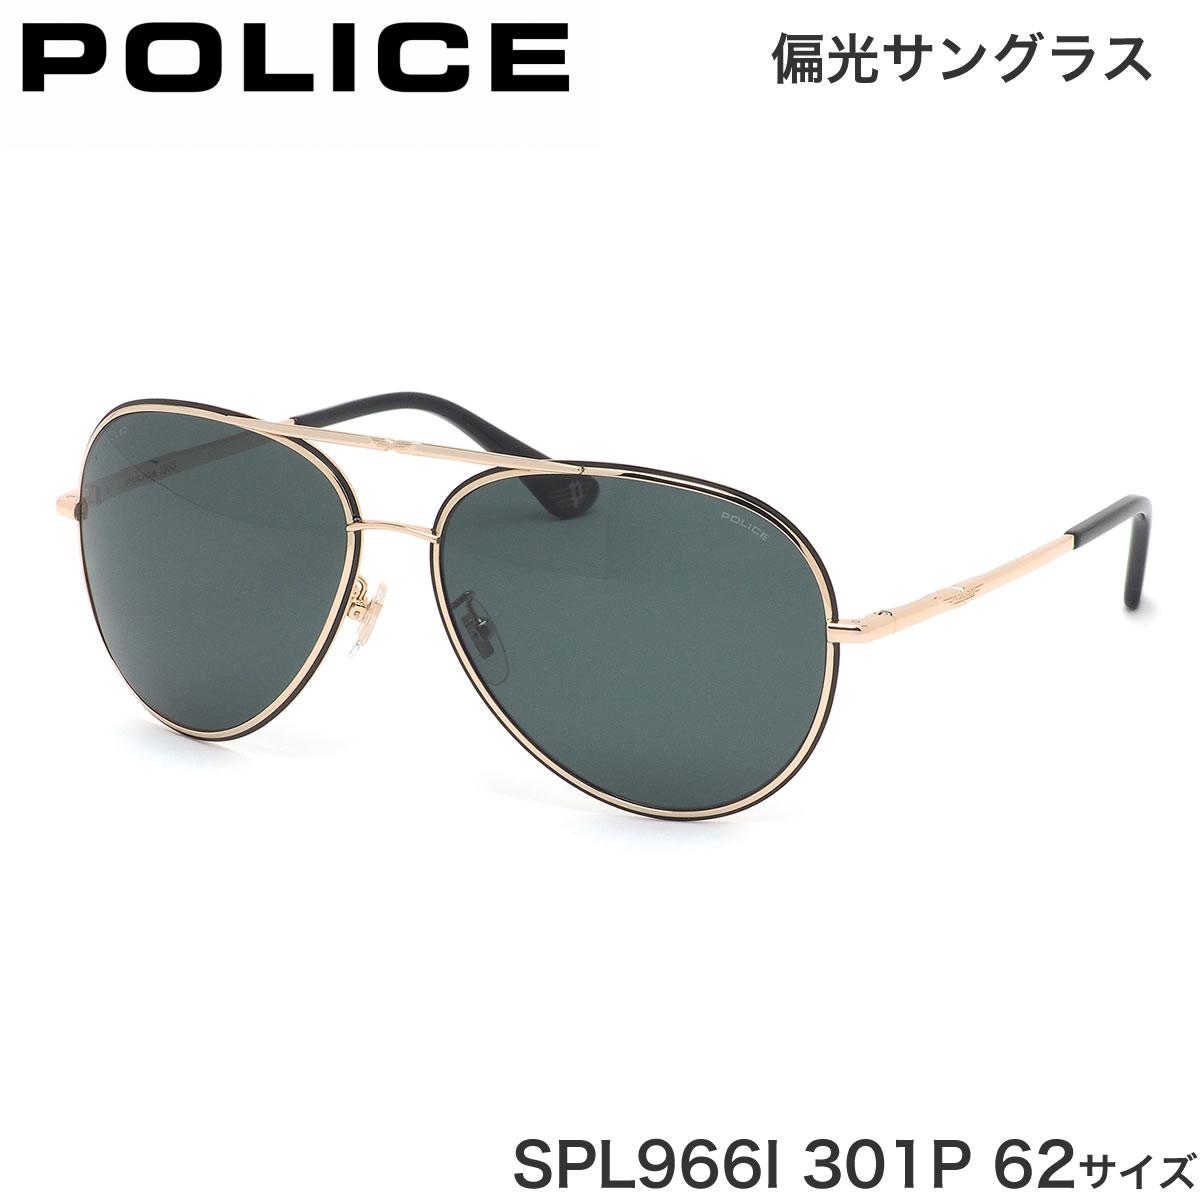 ポリス POLICE サングラス SPL966I 301P 62サイズ ORIGINS 12 オリジン 偏光サングラス メンズ レディース